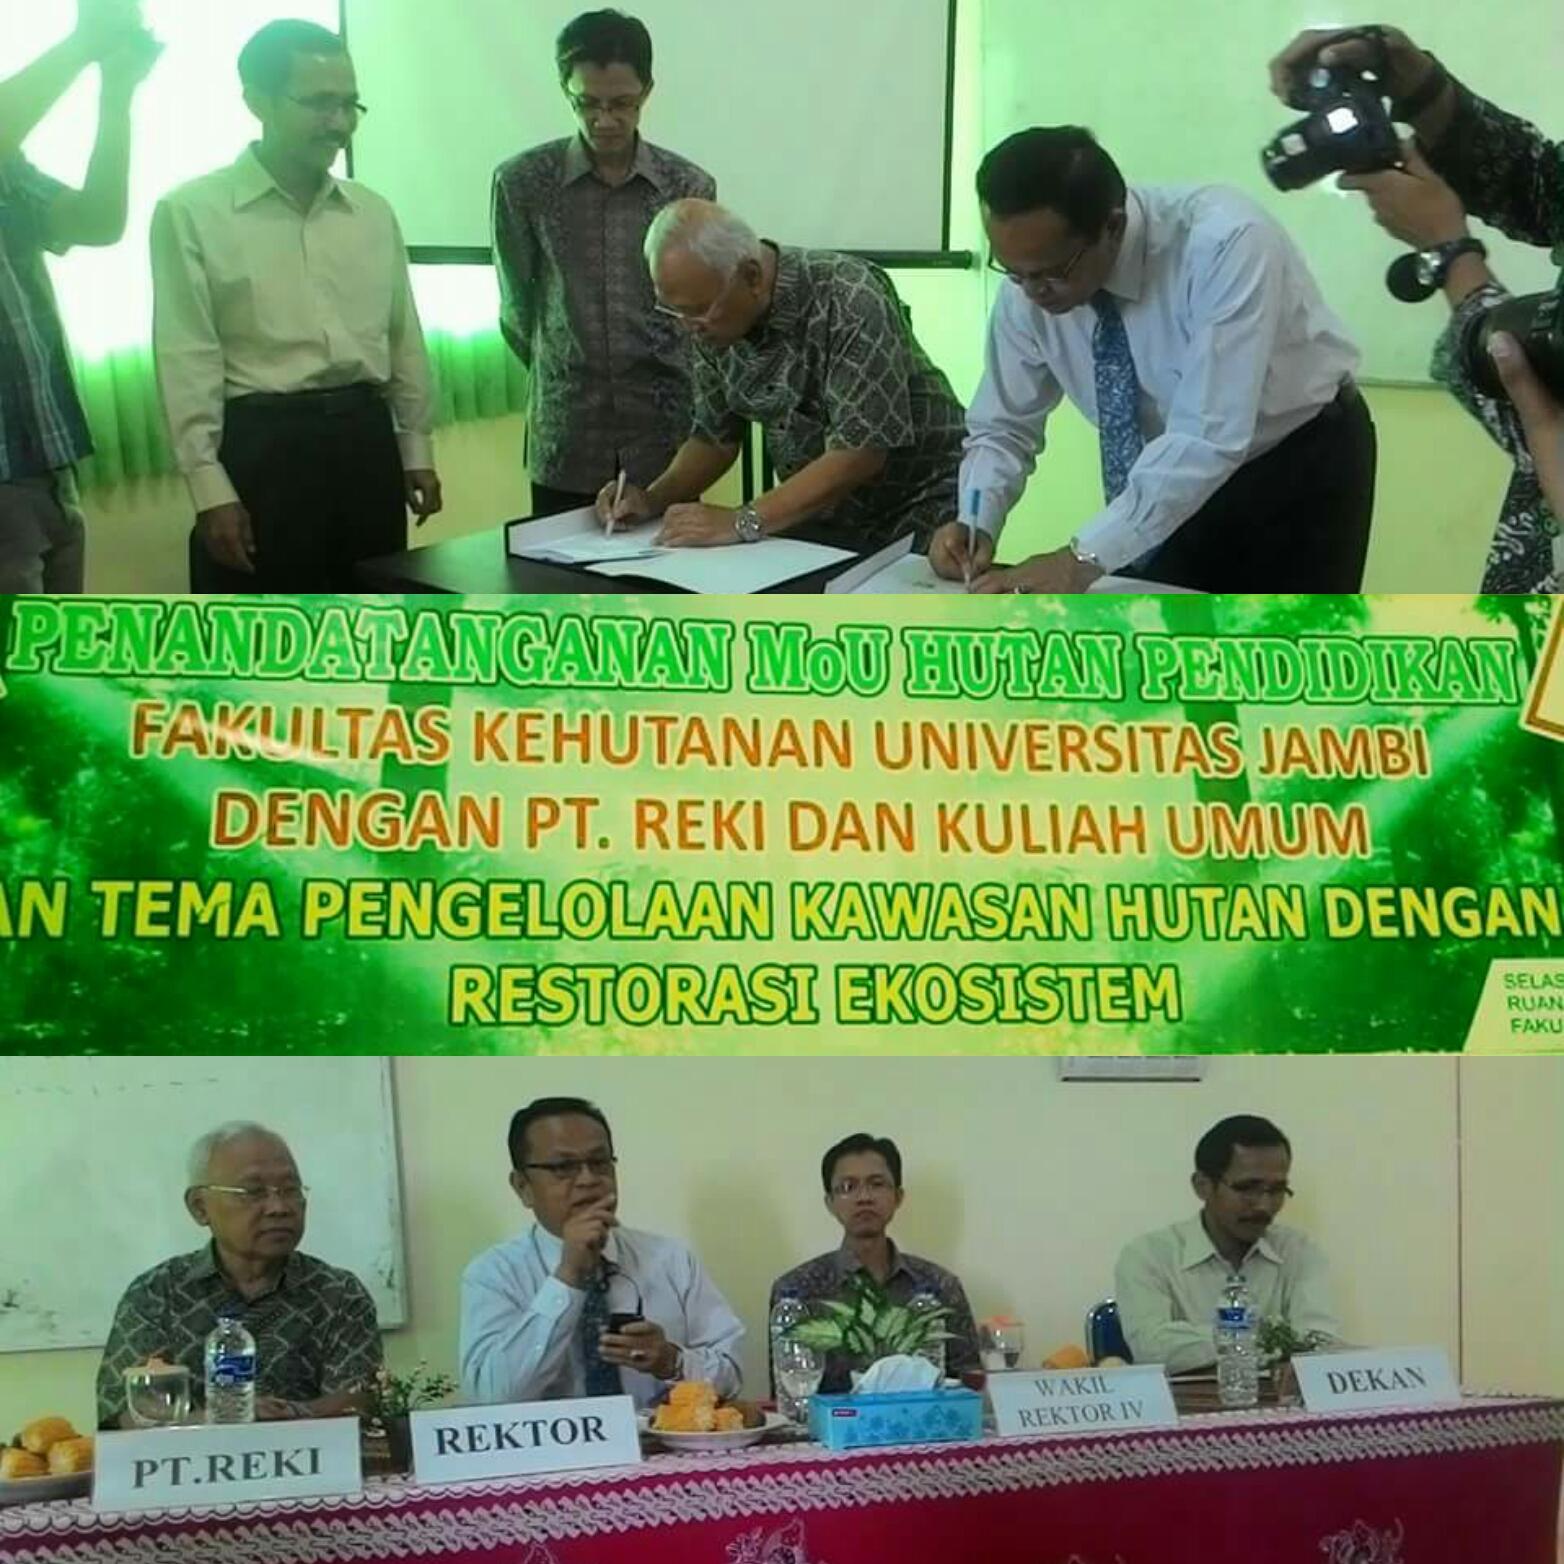 Fakultas Kehutanan Universitas Jambi dan  PT Restorasi Ekosistem Indonesia (REKI) tandatangani MoU Hutan Pendidikan